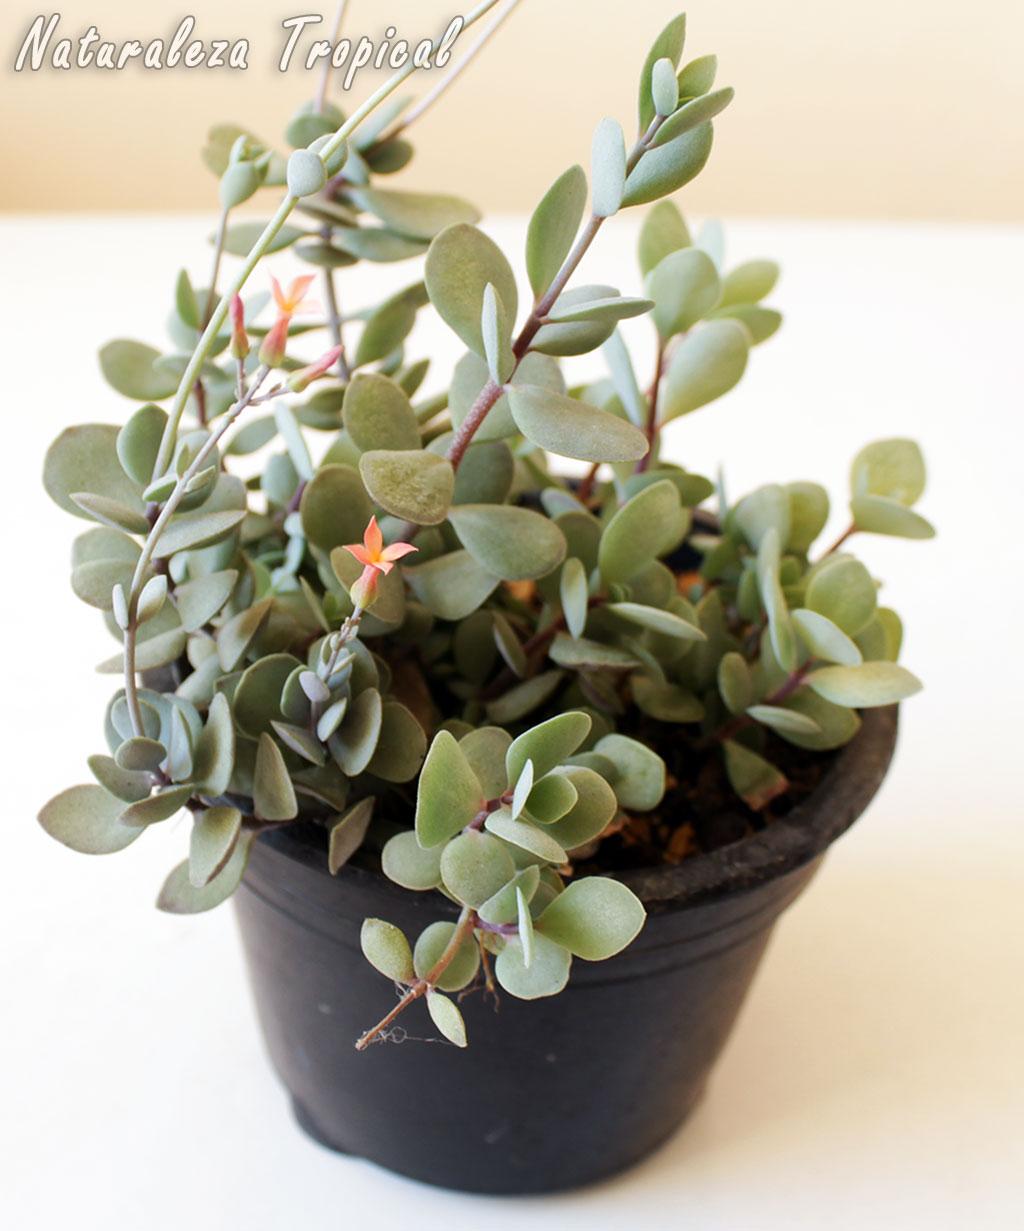 Naturaleza tropical la planta suculenta kalanchoe - Flores de maceta ...